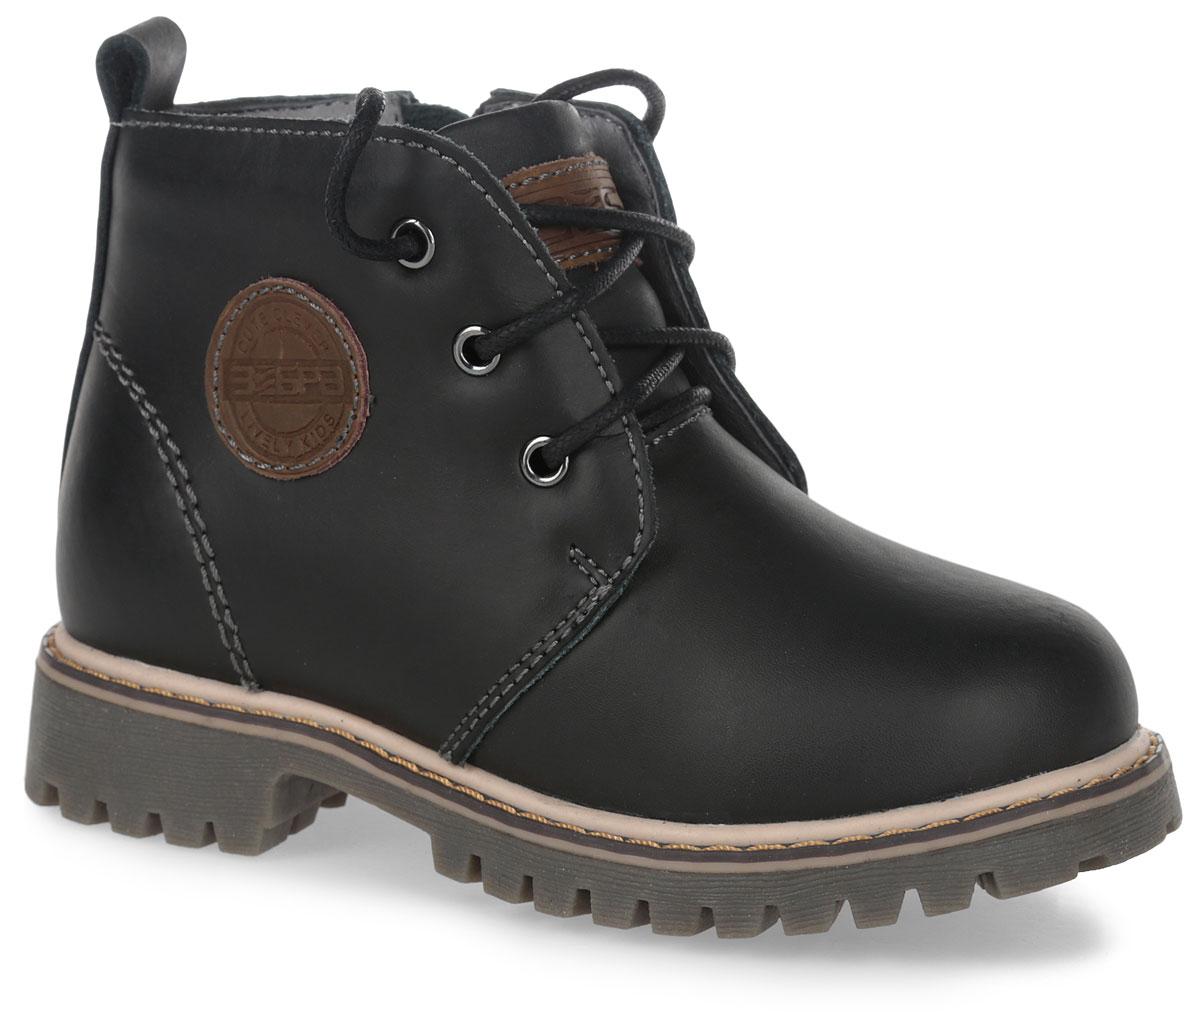 10814-1Модные ботинки от Зебра выполнены из натуральной кожи. Шнуровка надежно зафиксирует модель на ноге. Боковая застежка-молния позволяет легко снимать и надевать модель. Подкладка и стелька из текстиля. Подошва дополнена рифлением.